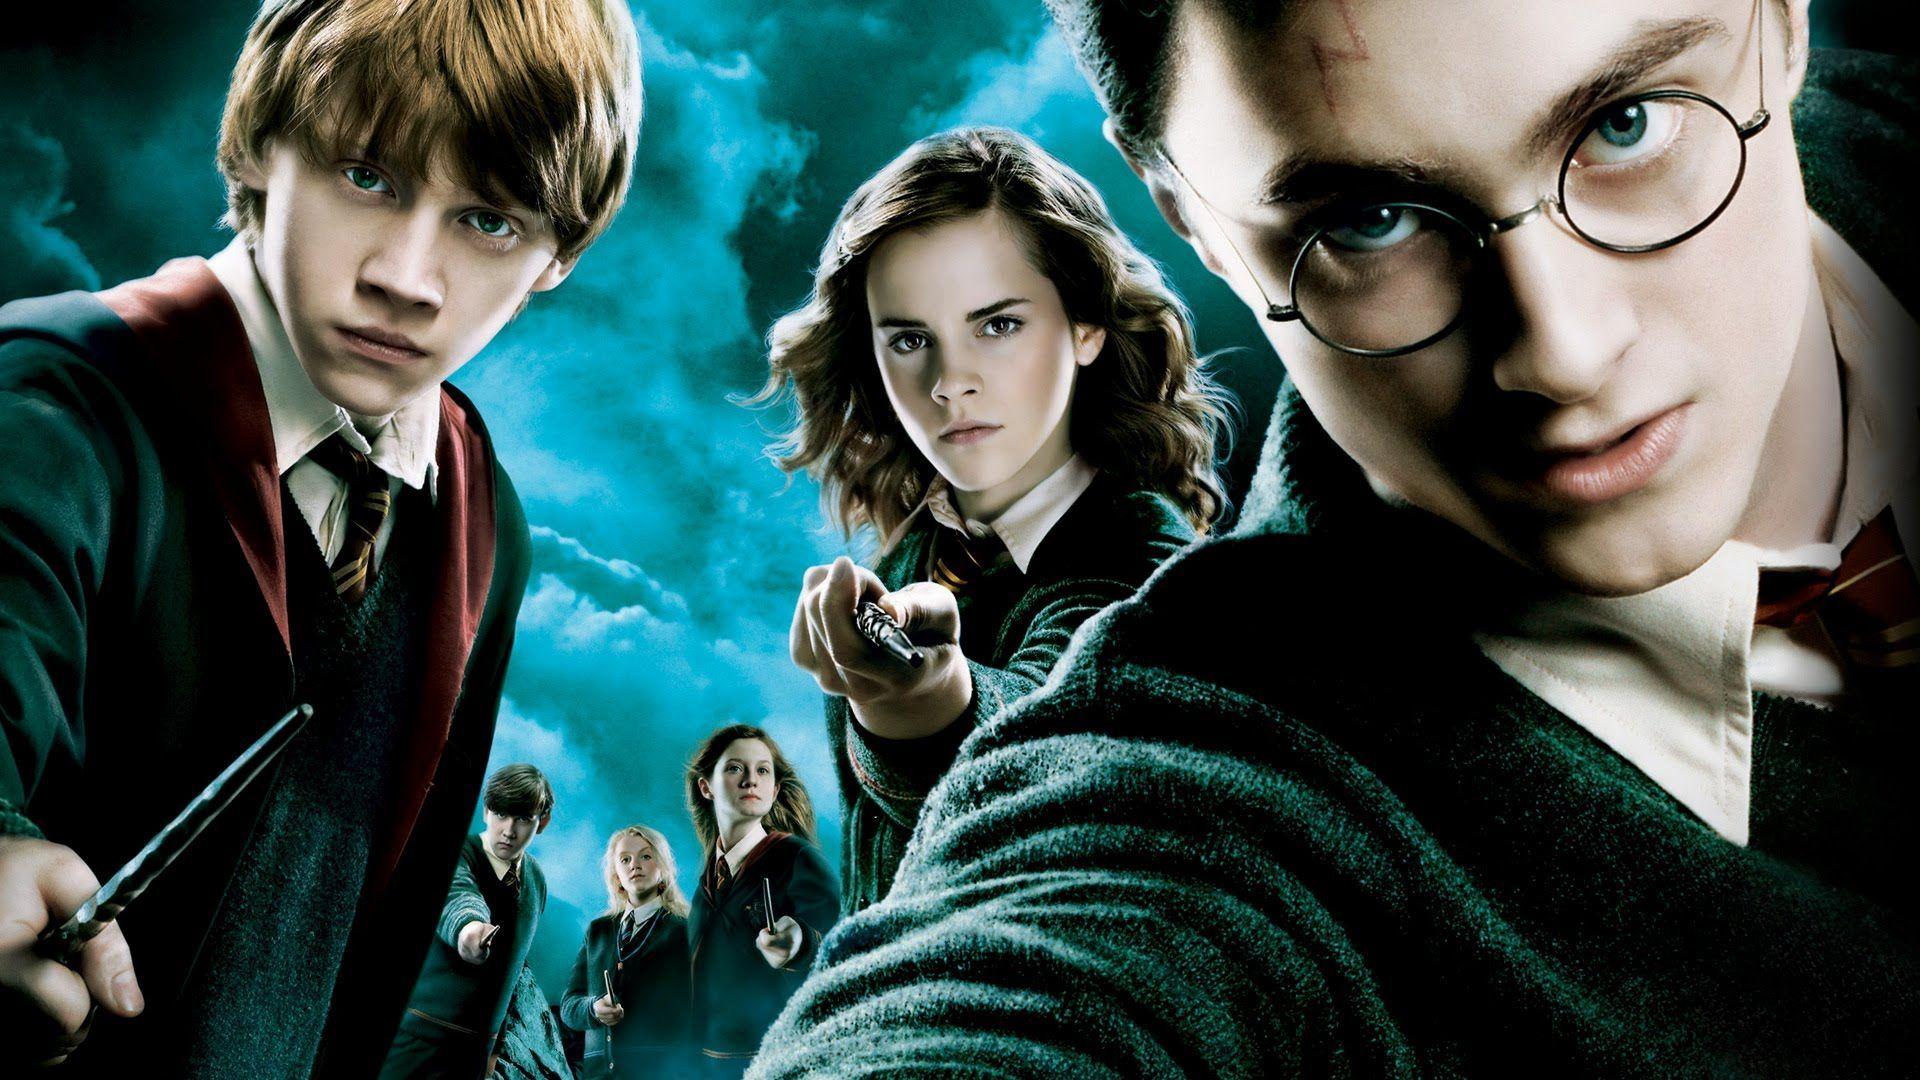 9695 - ¿Cuánto sabes de Harry Potter y la Orden del Fénix?